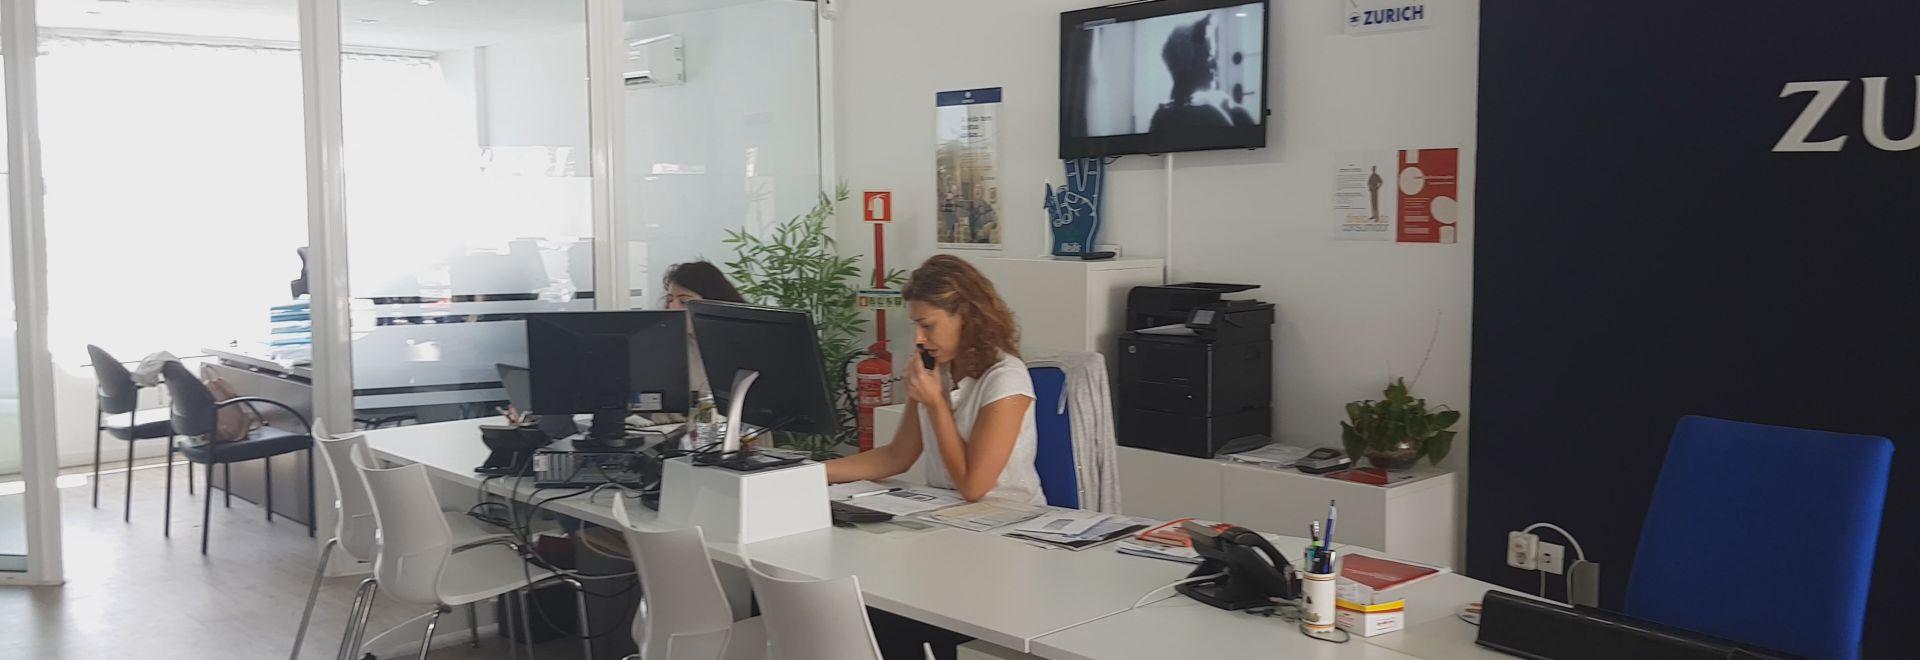 Serseguro - Quem somos e onde estamos - Os nossos escritórios em Massamá